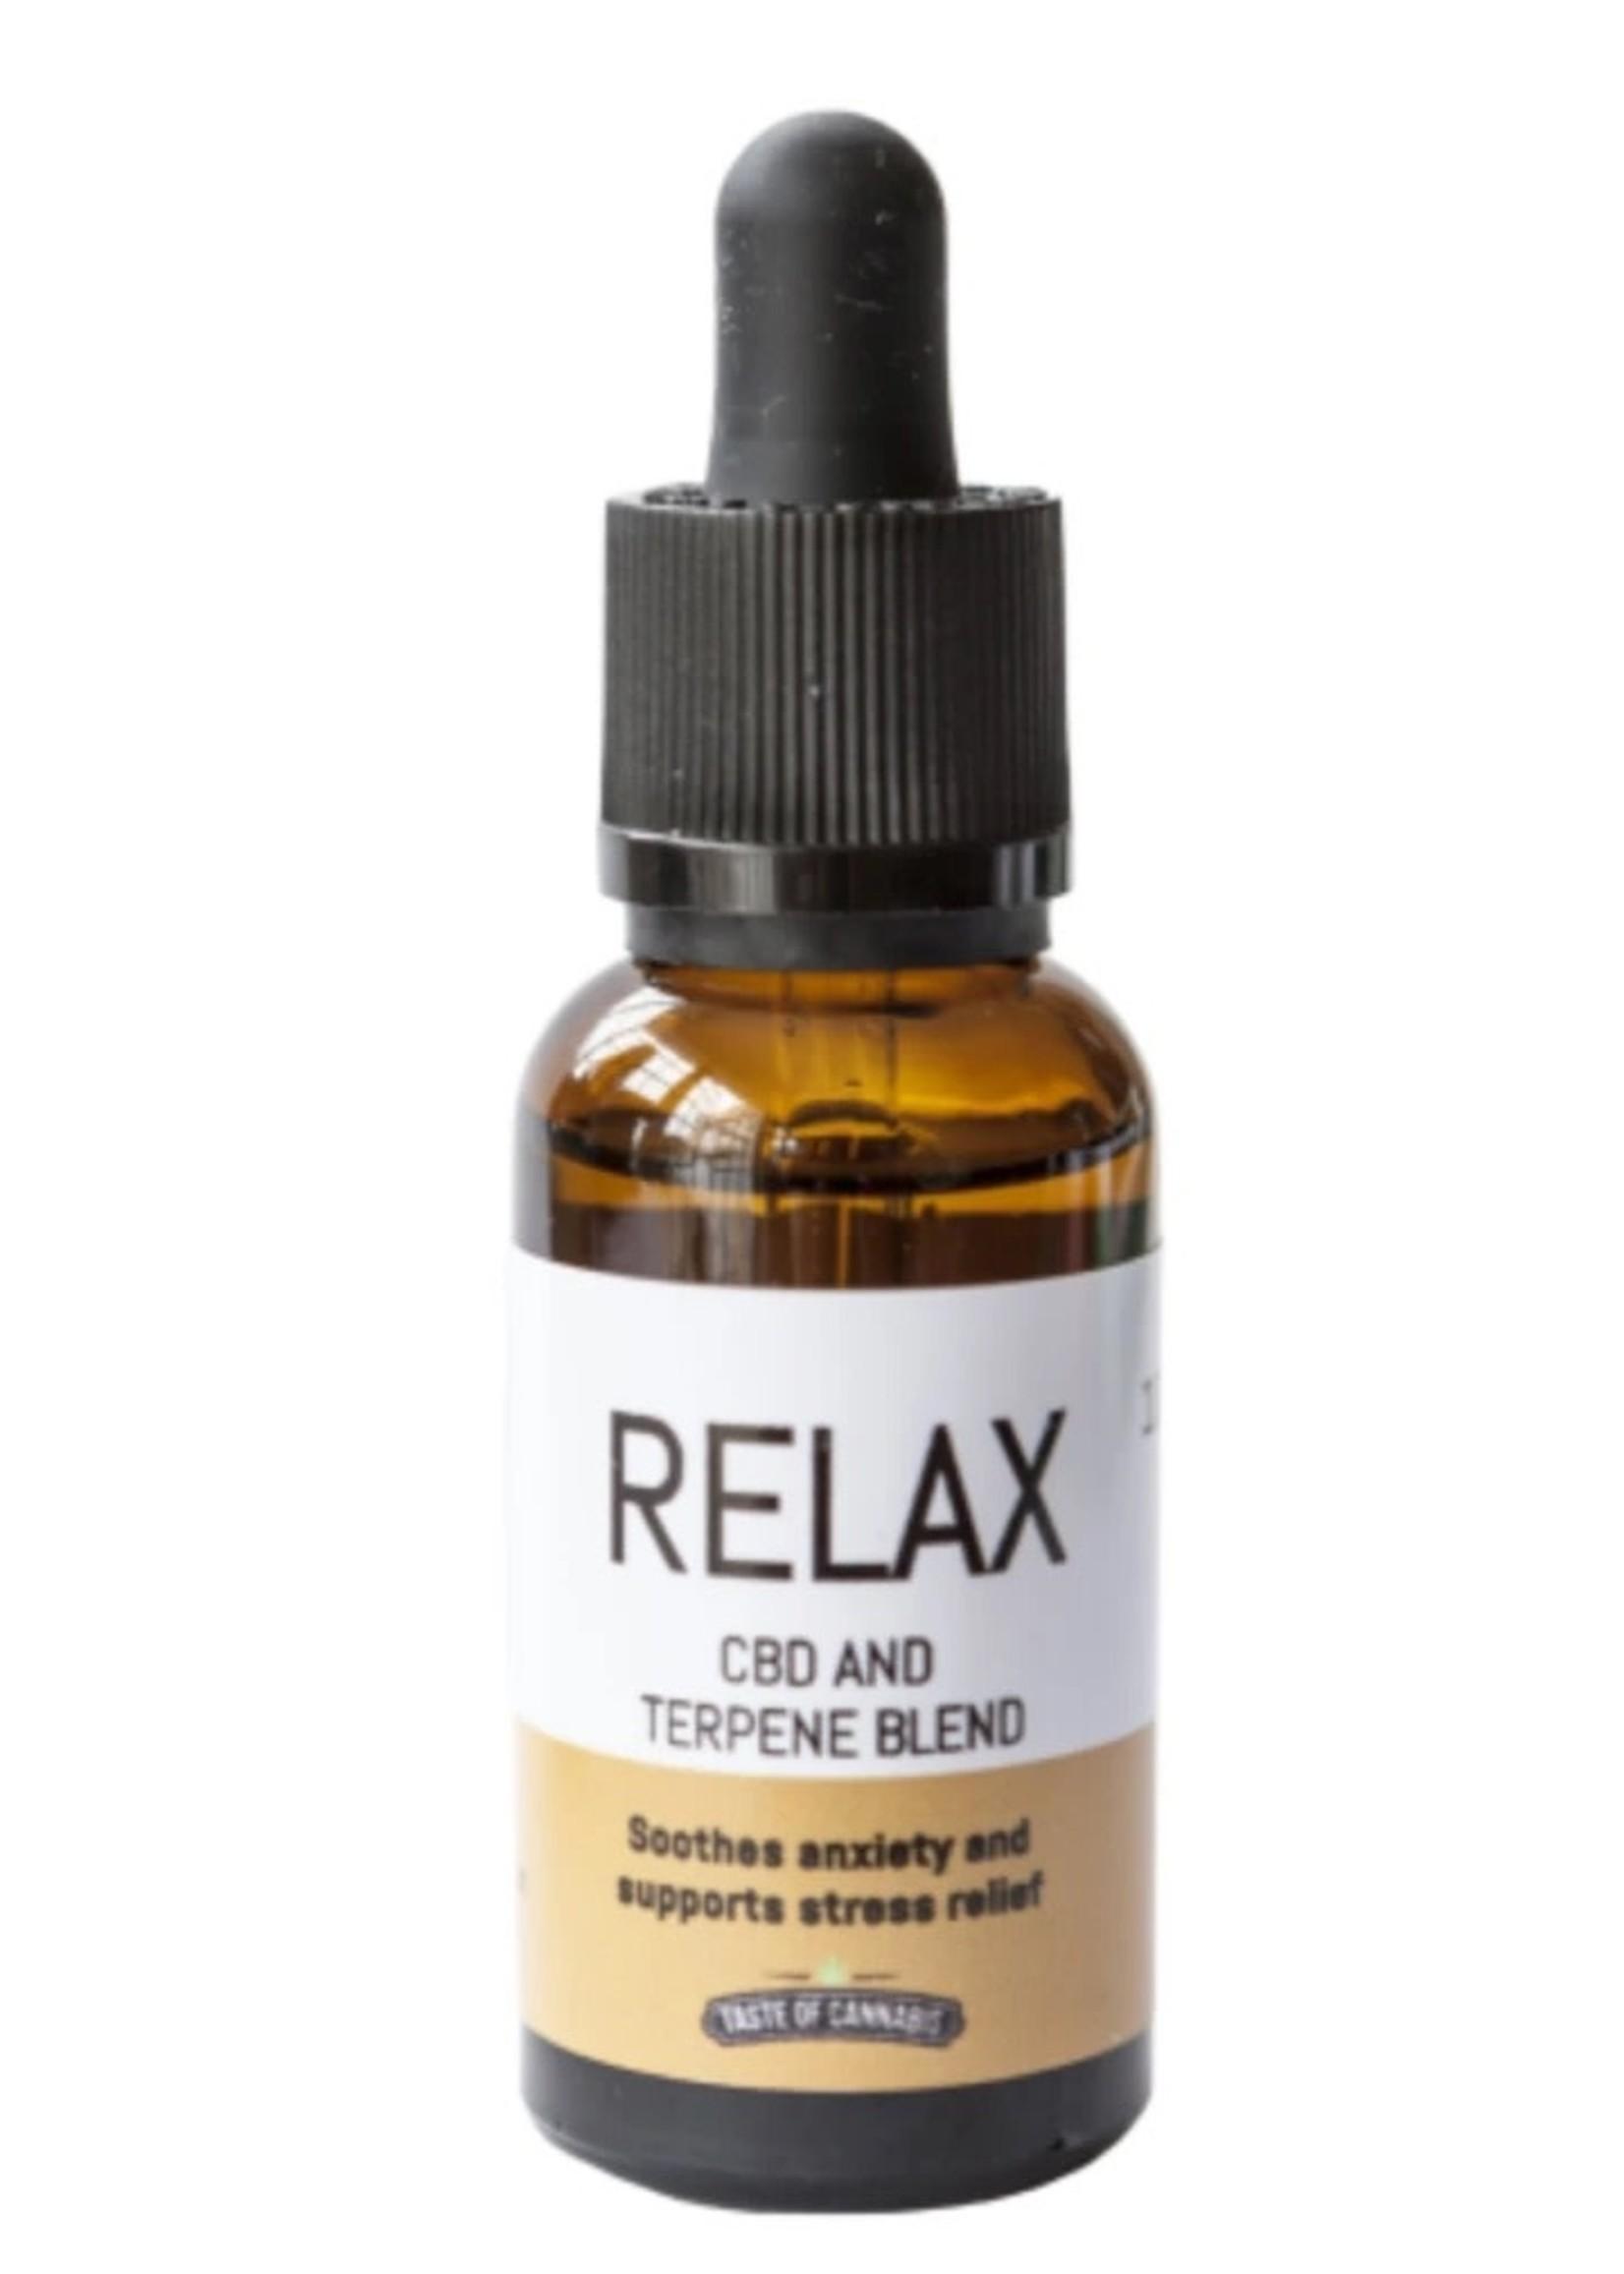 TOC CBD Full spectrum oil - relax 300mg